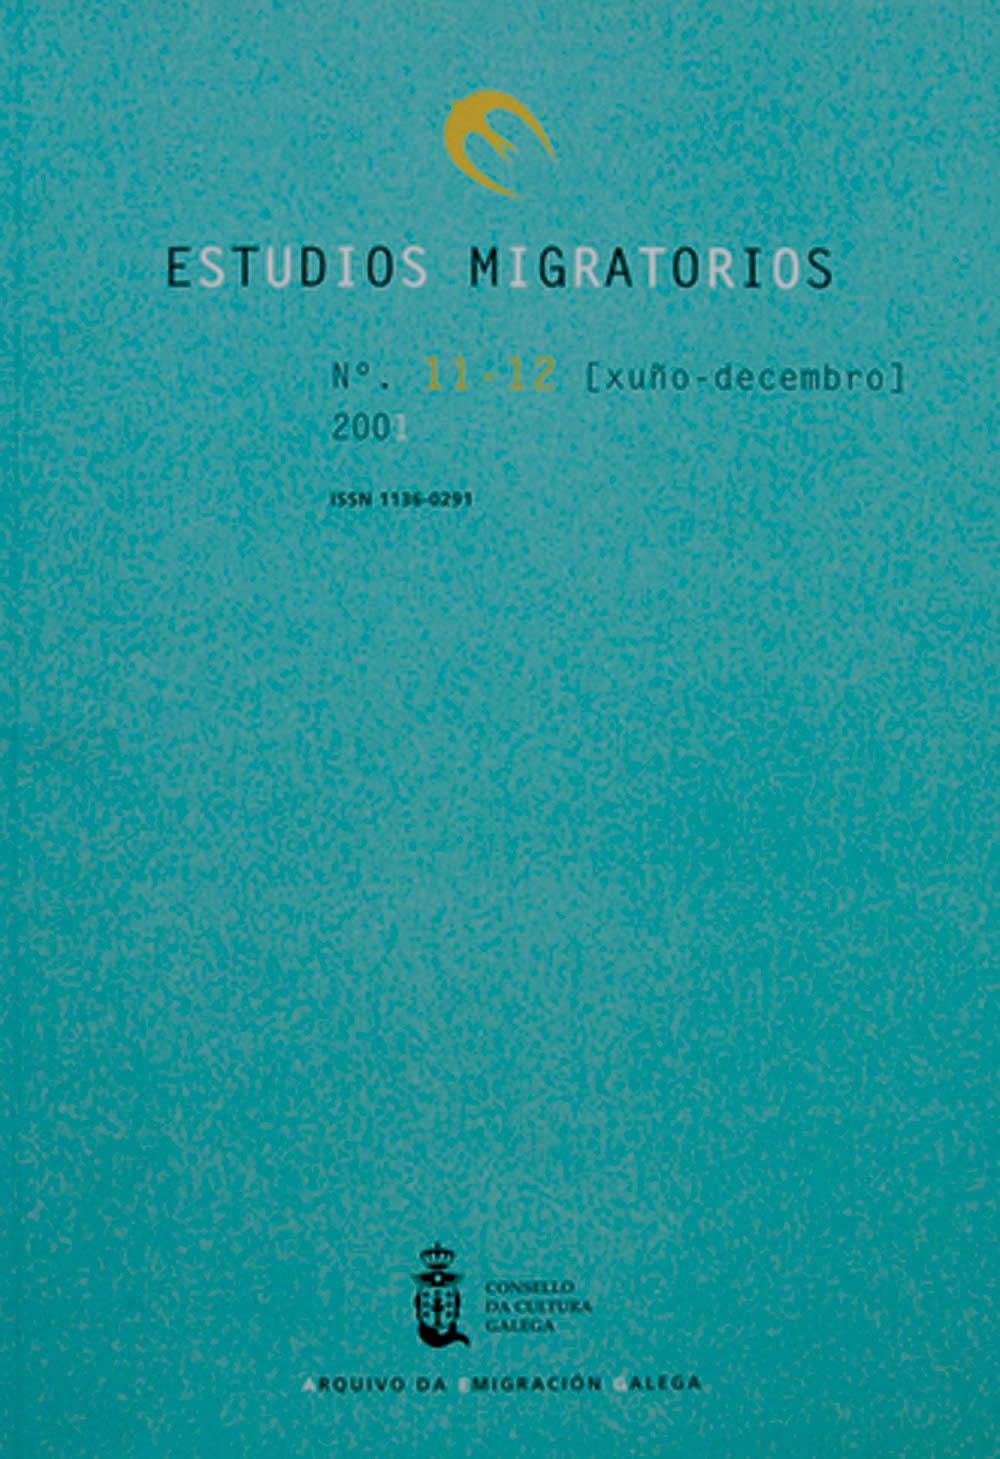 Portada de  Estudios Migratorios N.º 11-12 (xuño-decembro 2001)